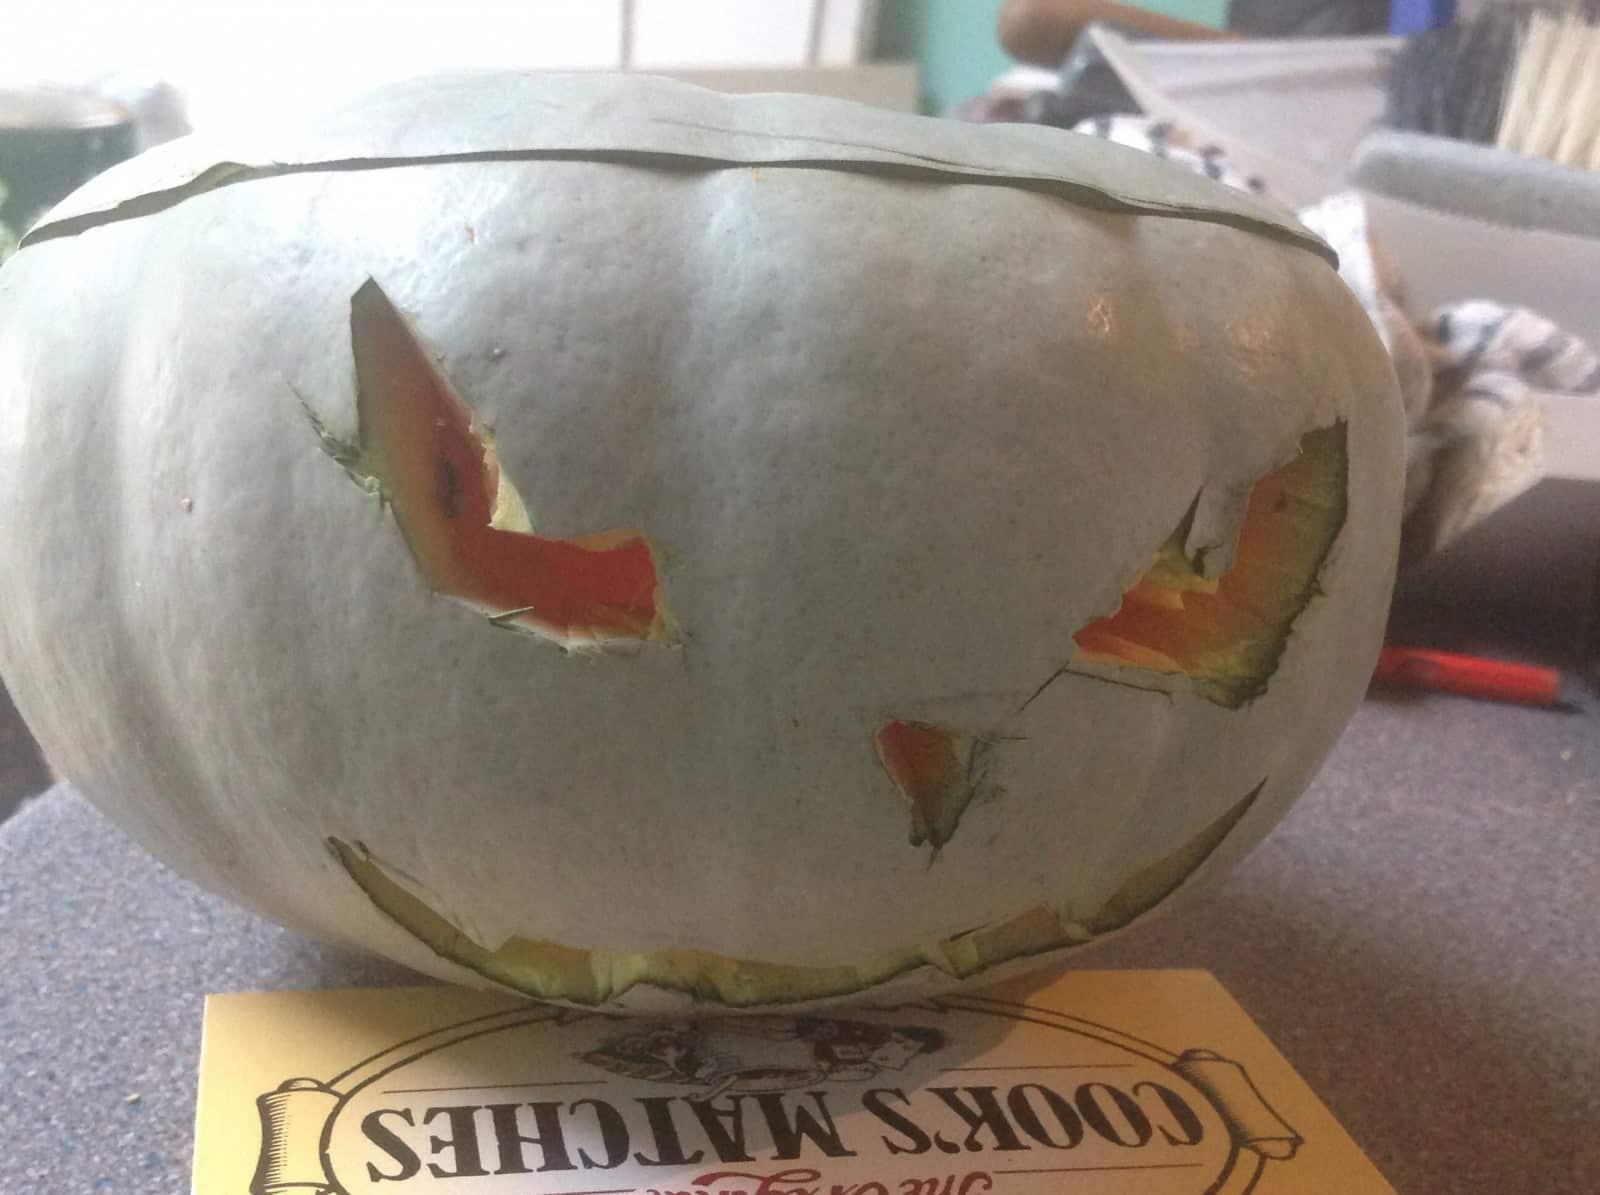 percy pumpkin - a carved blue skinnedpumpkin